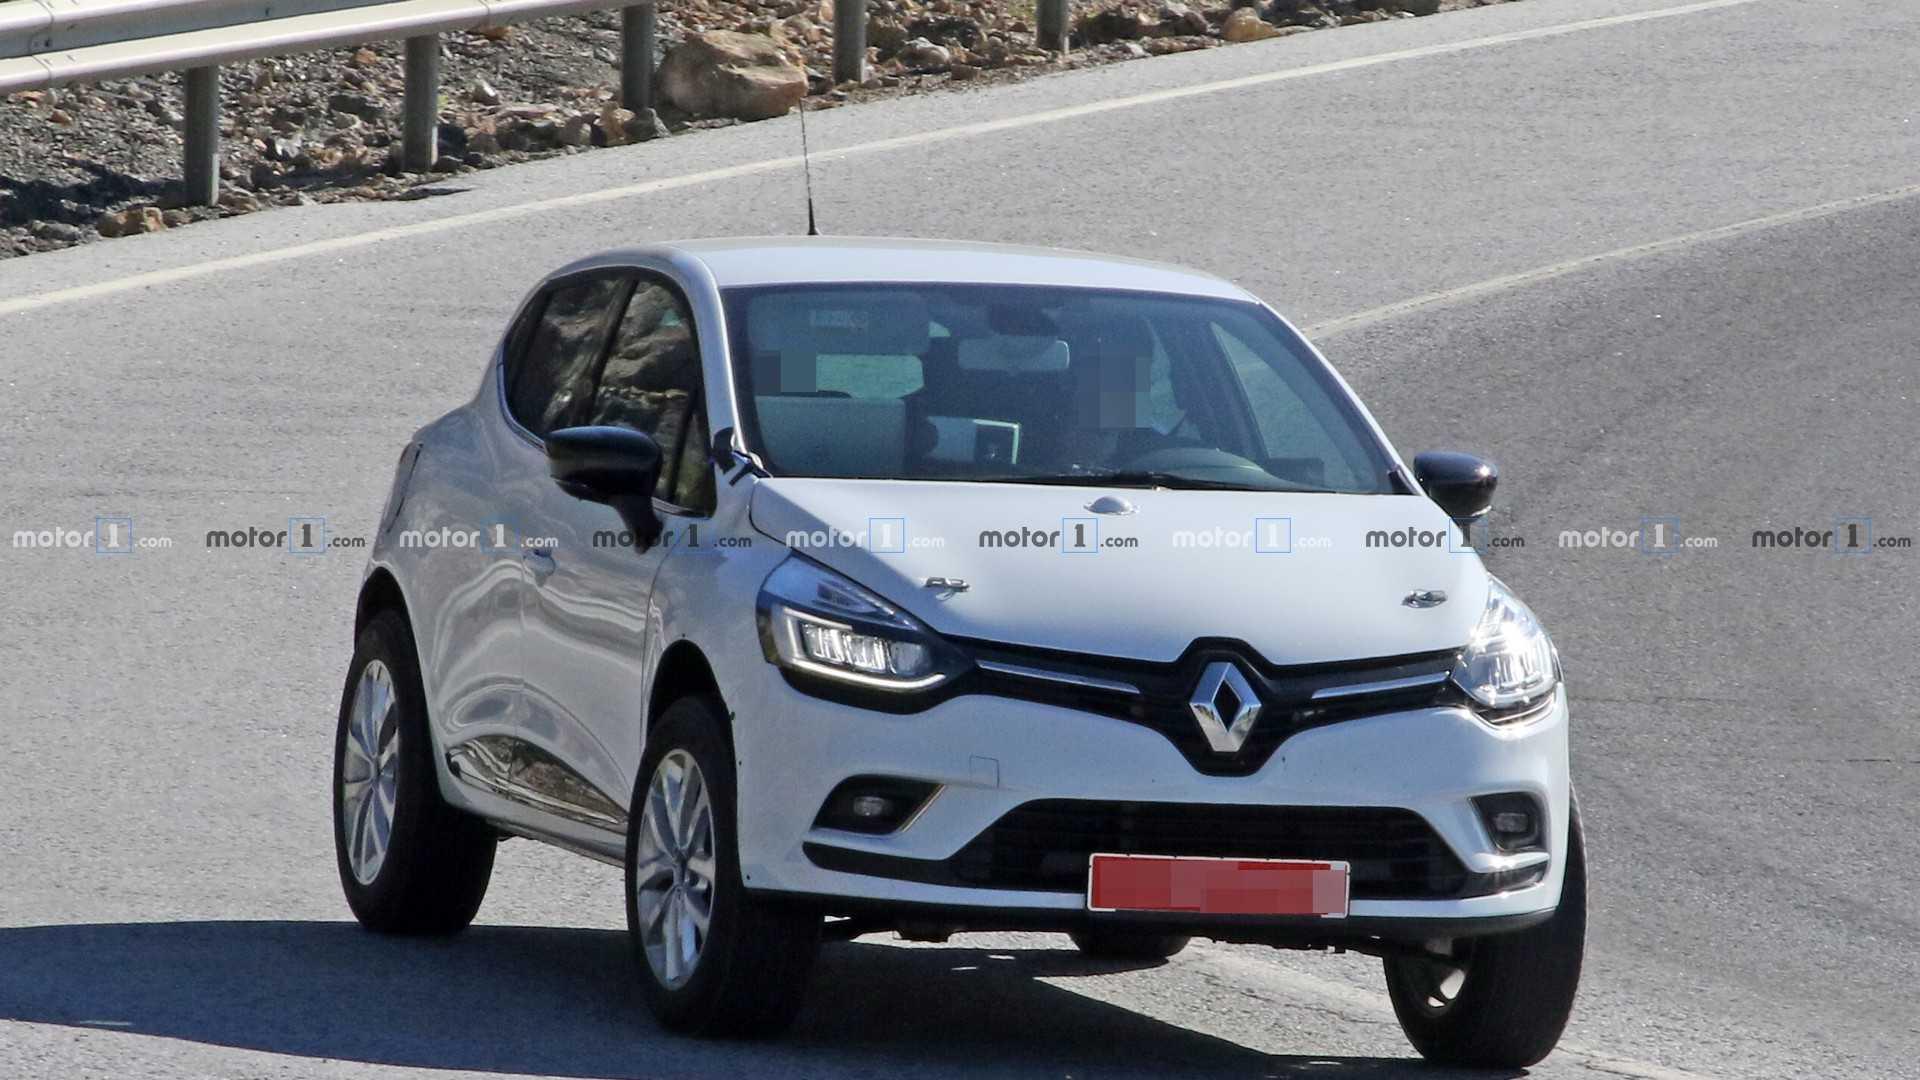 Похоже, скоро французы покажут паркетник на базе хэтчбека Clio